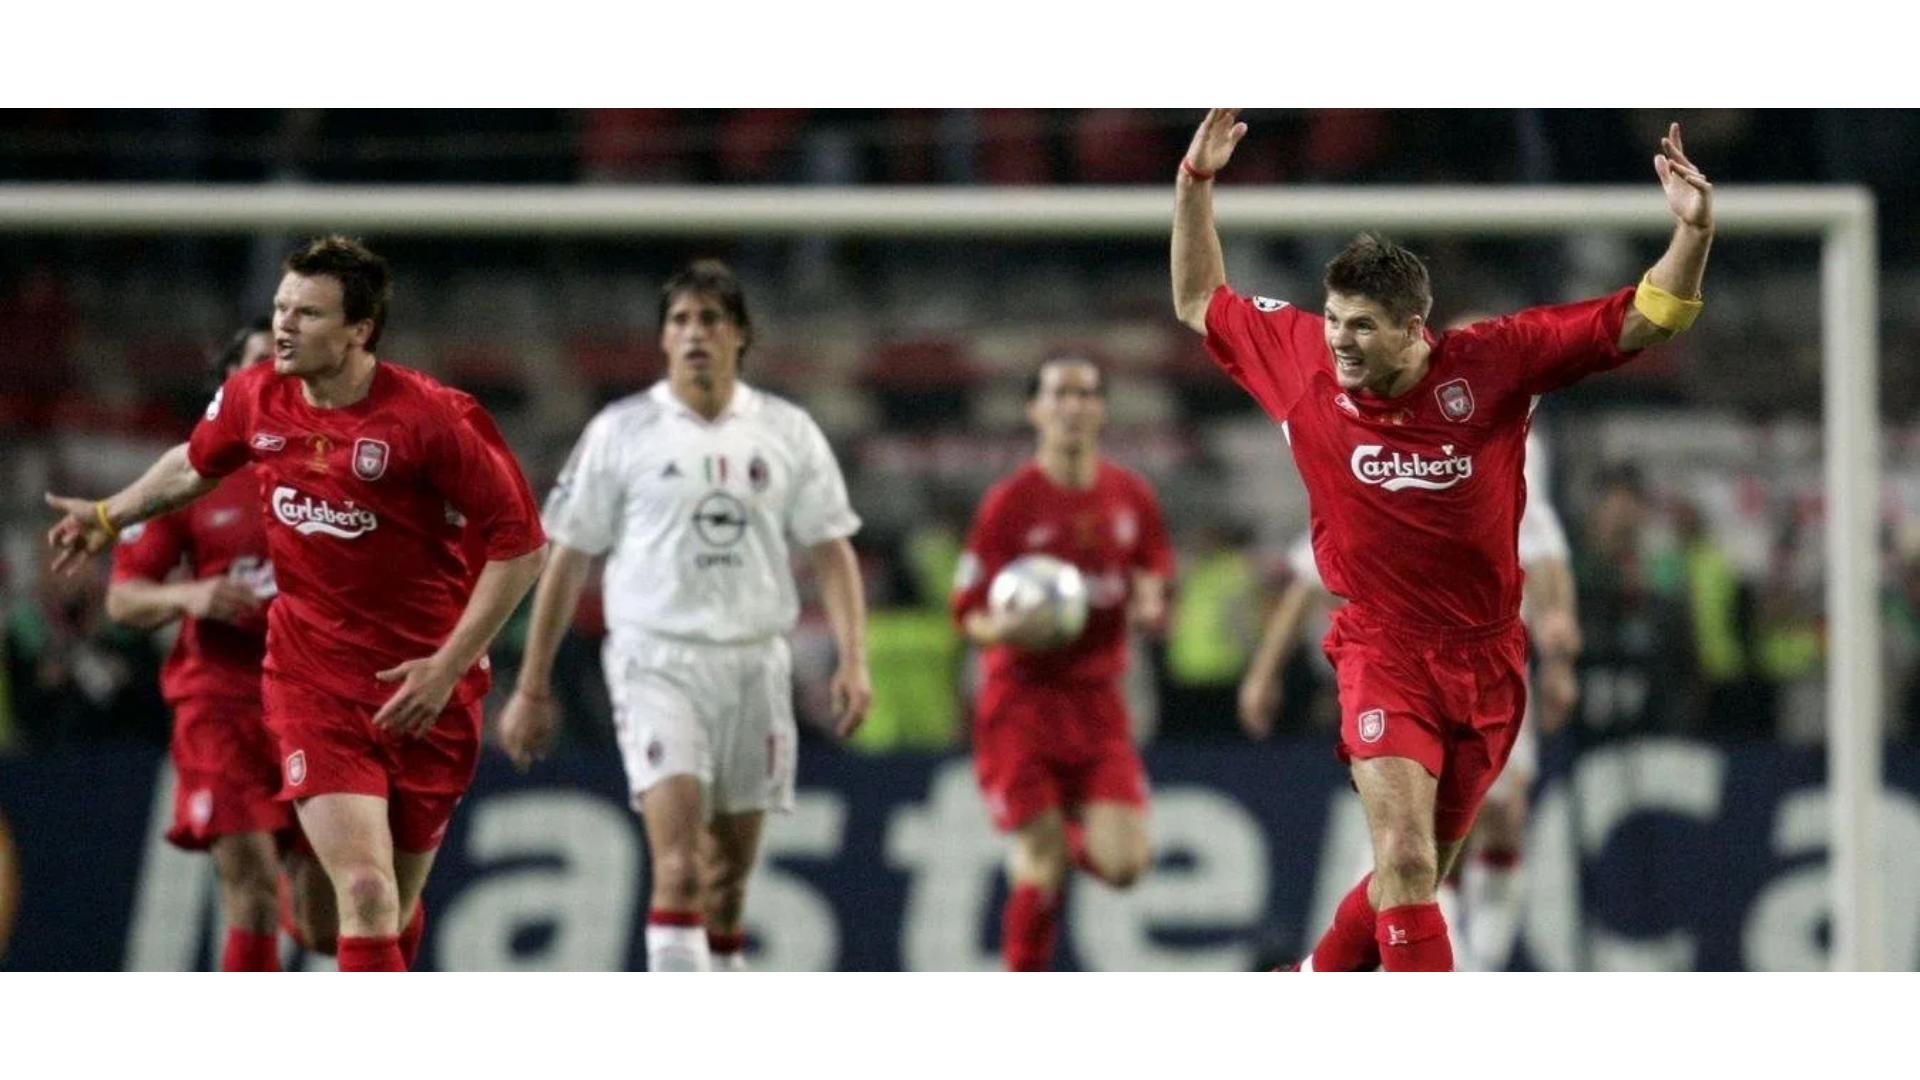 Gerrard'ın takımını motive ettiği ana ait bir görsel.